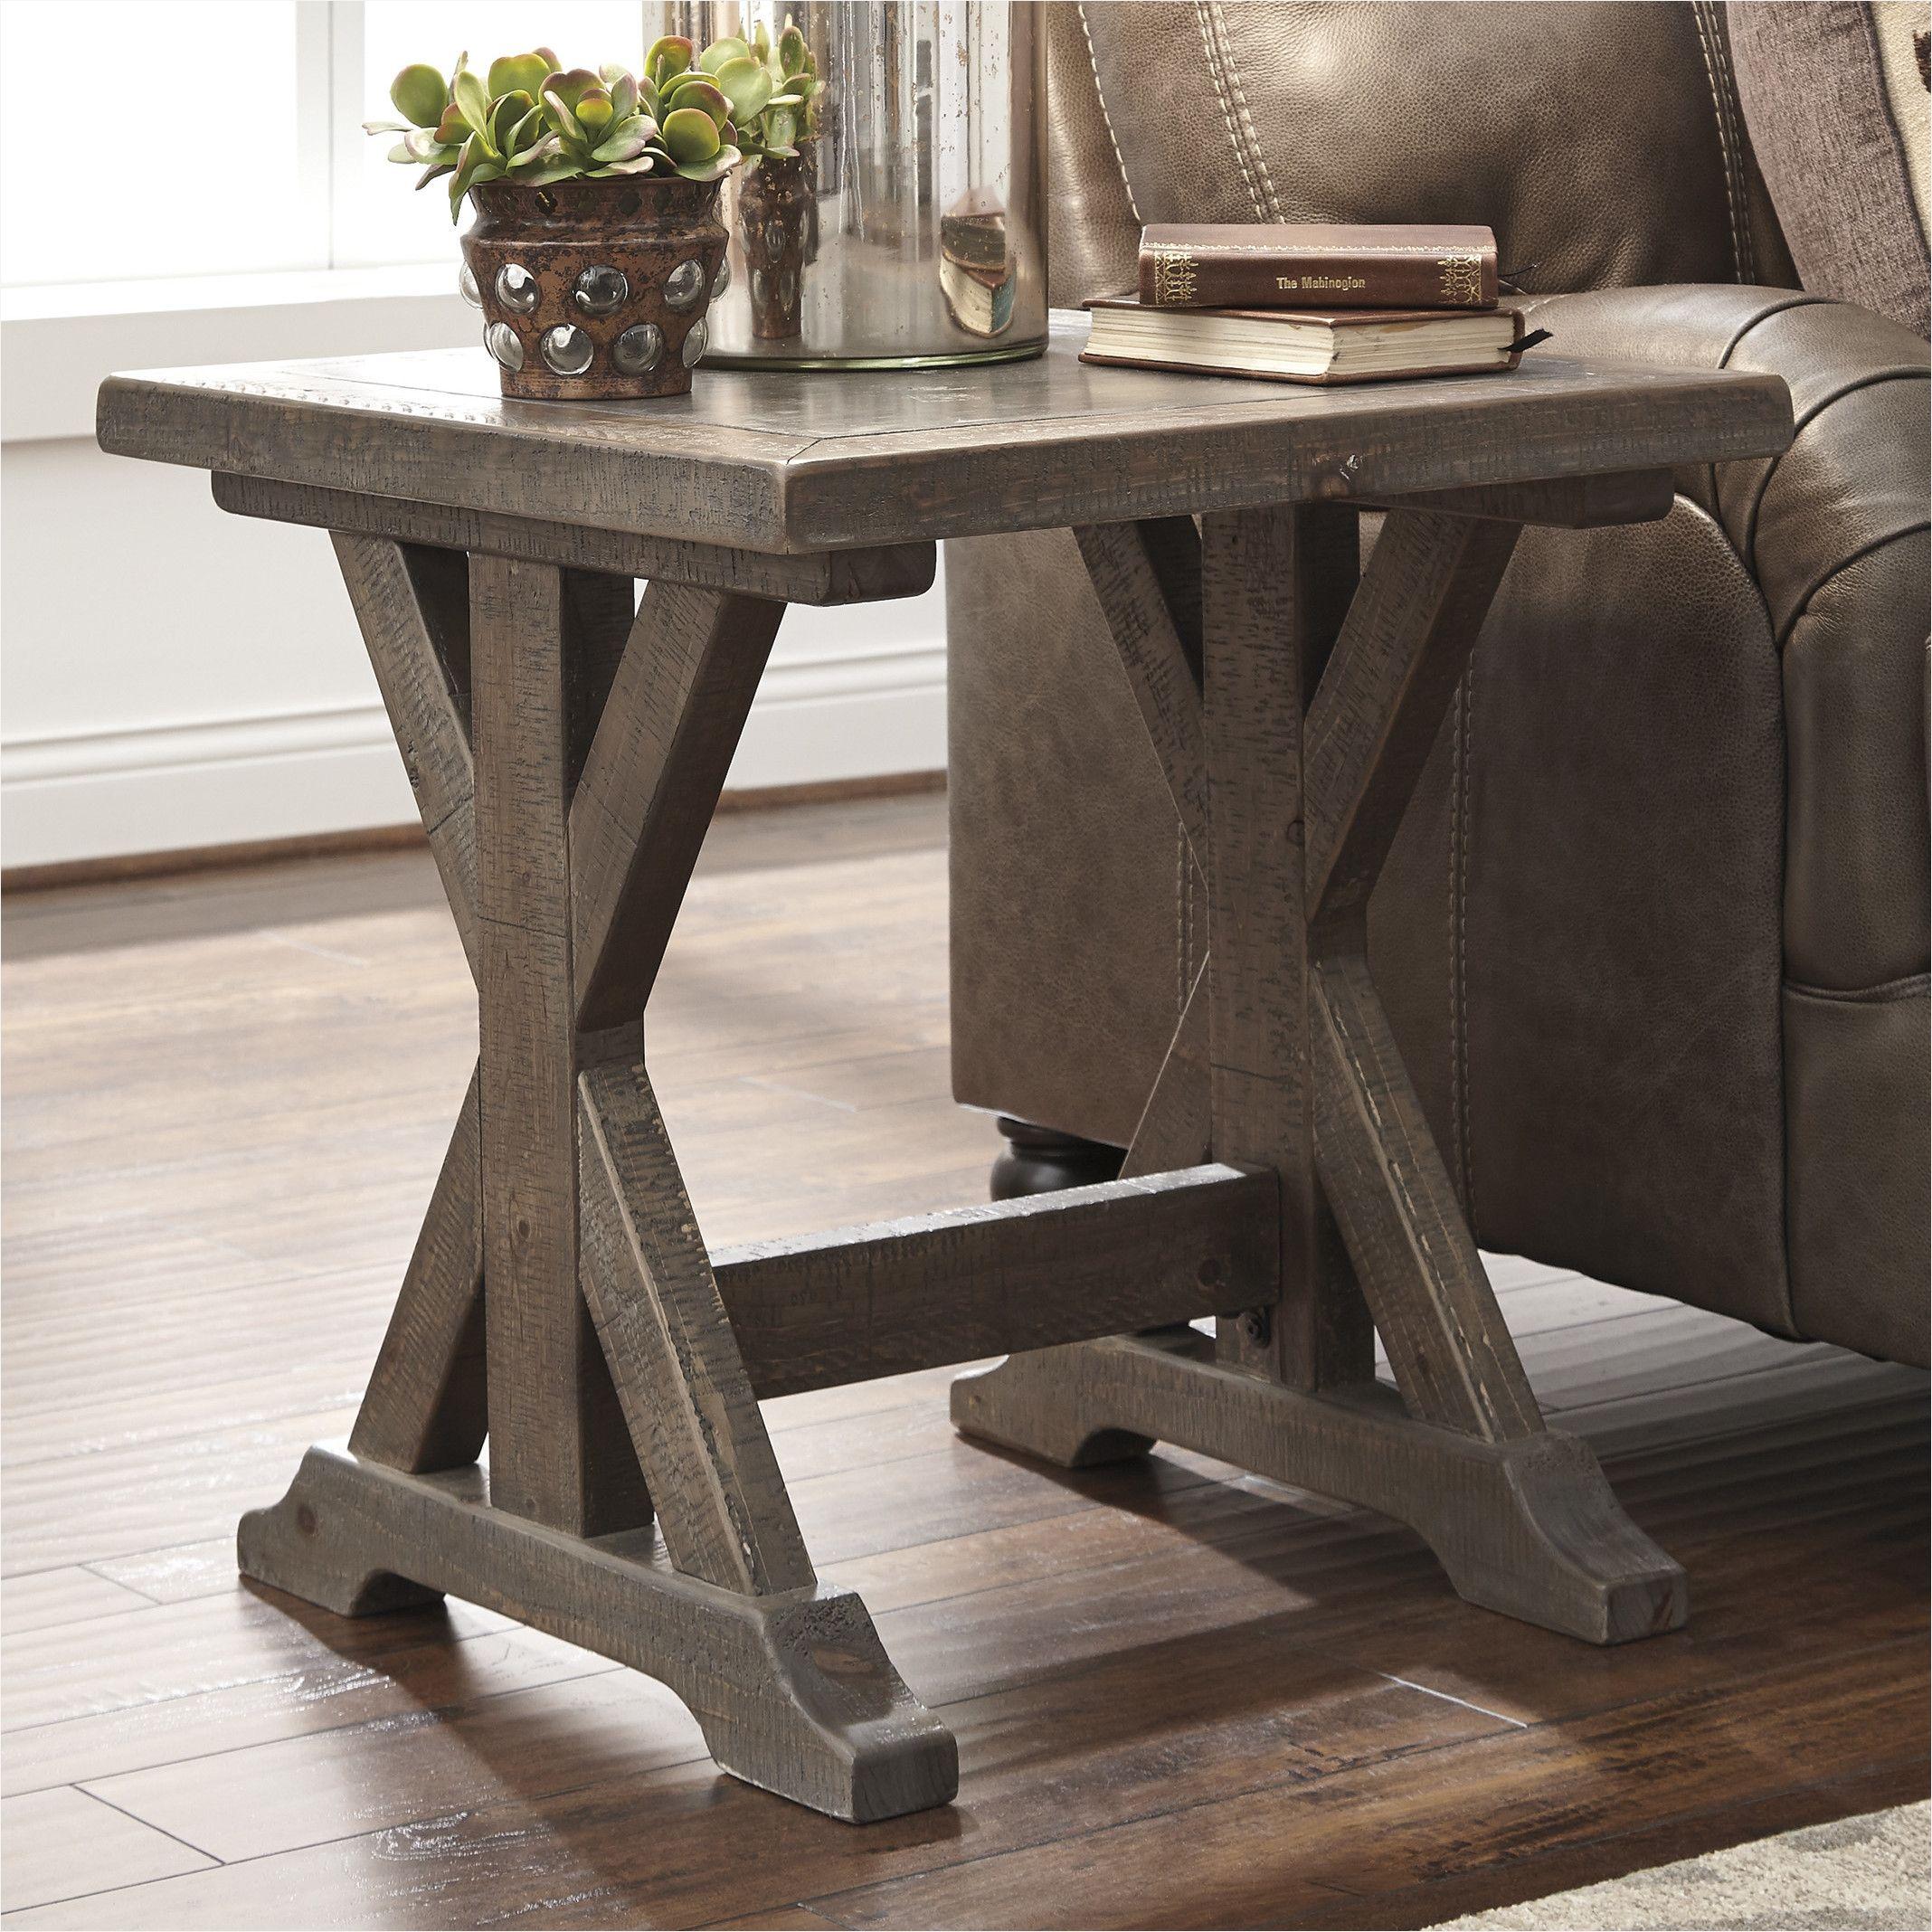 22 cute cosy farmhouse modern living room table ideas